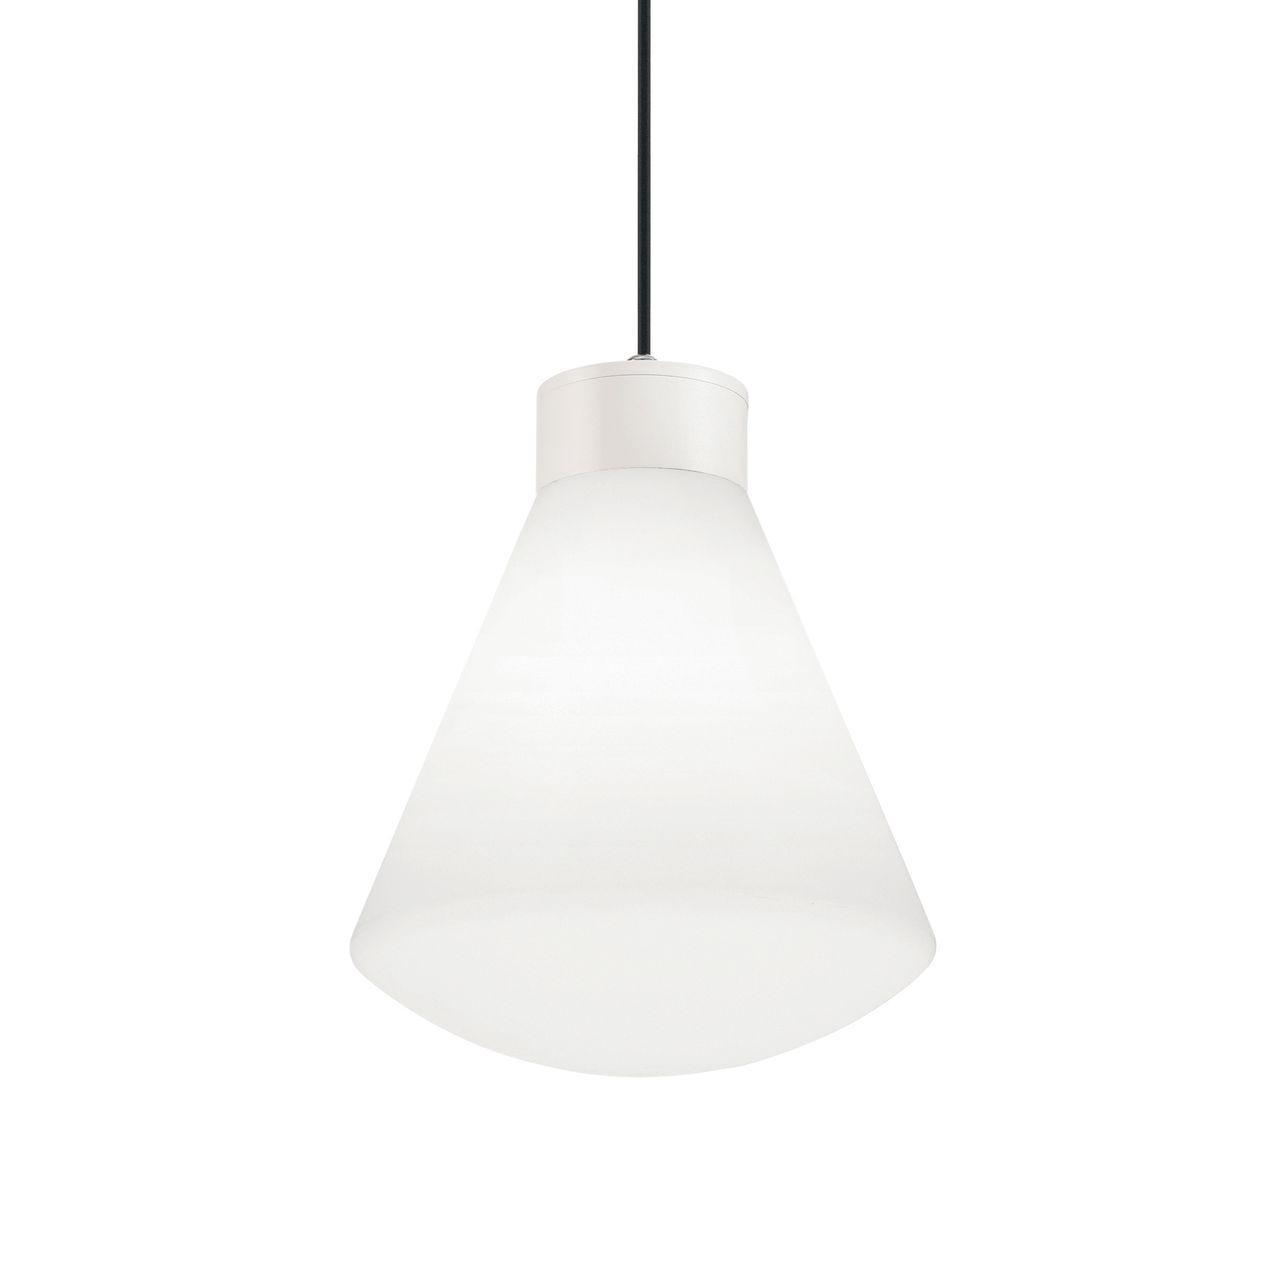 Уличный подвесной светильник Ideal Lux Ouverture SP1 Bianco